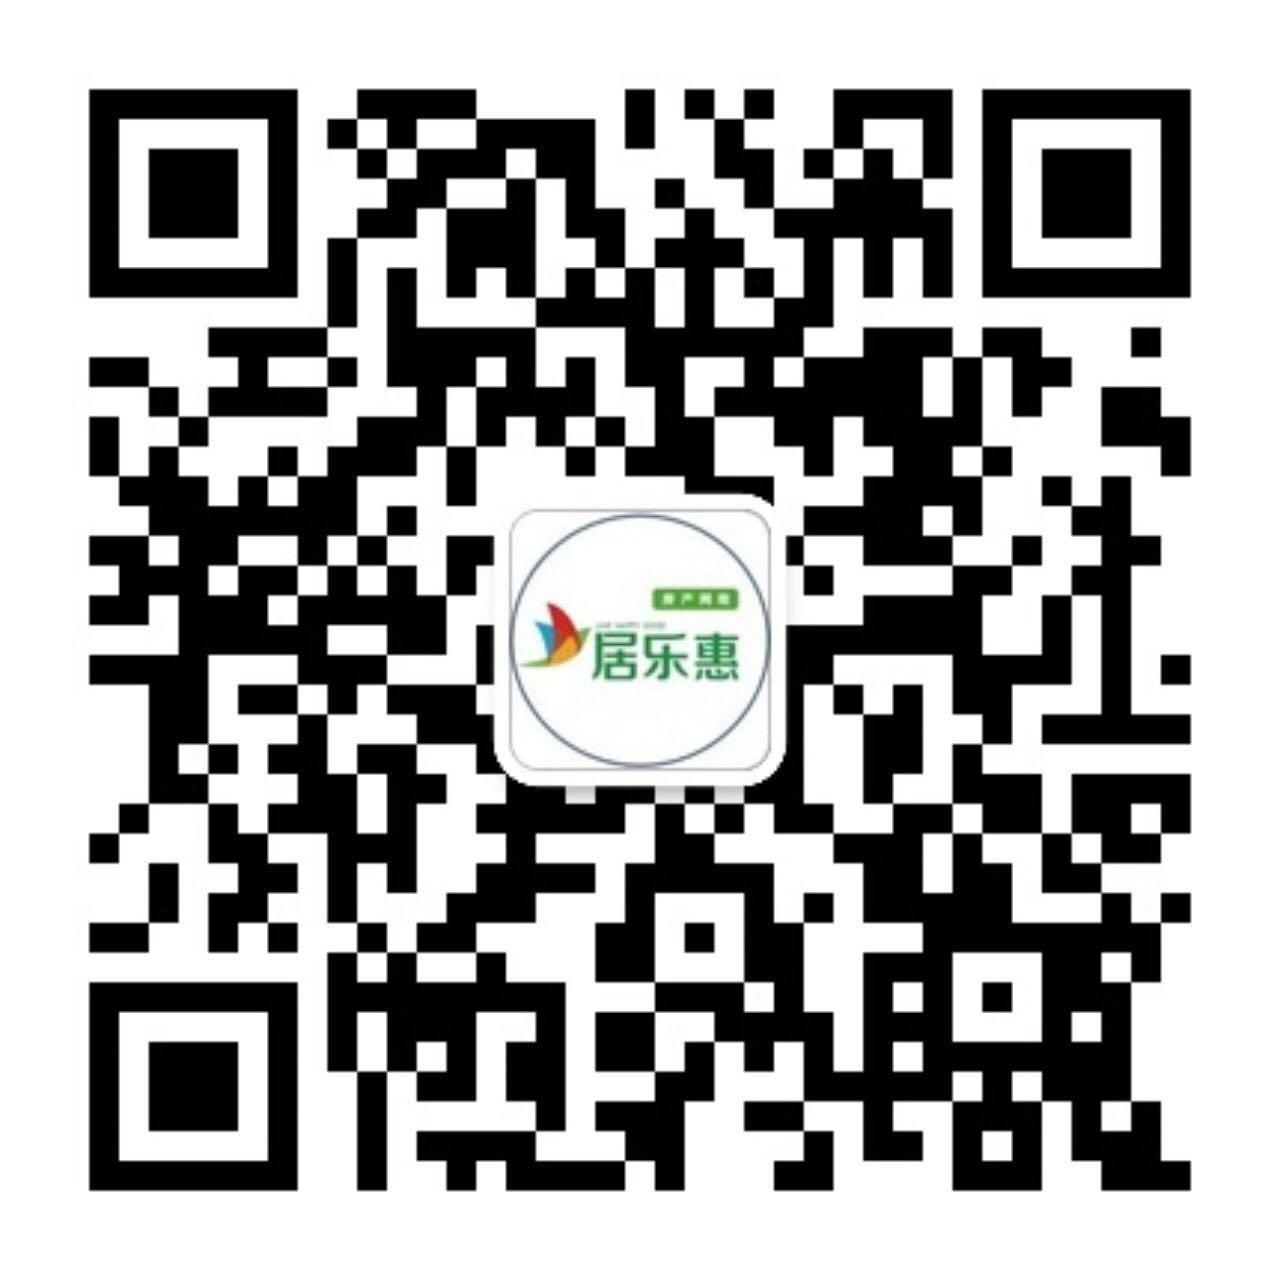 居乐惠旗舰店二维码